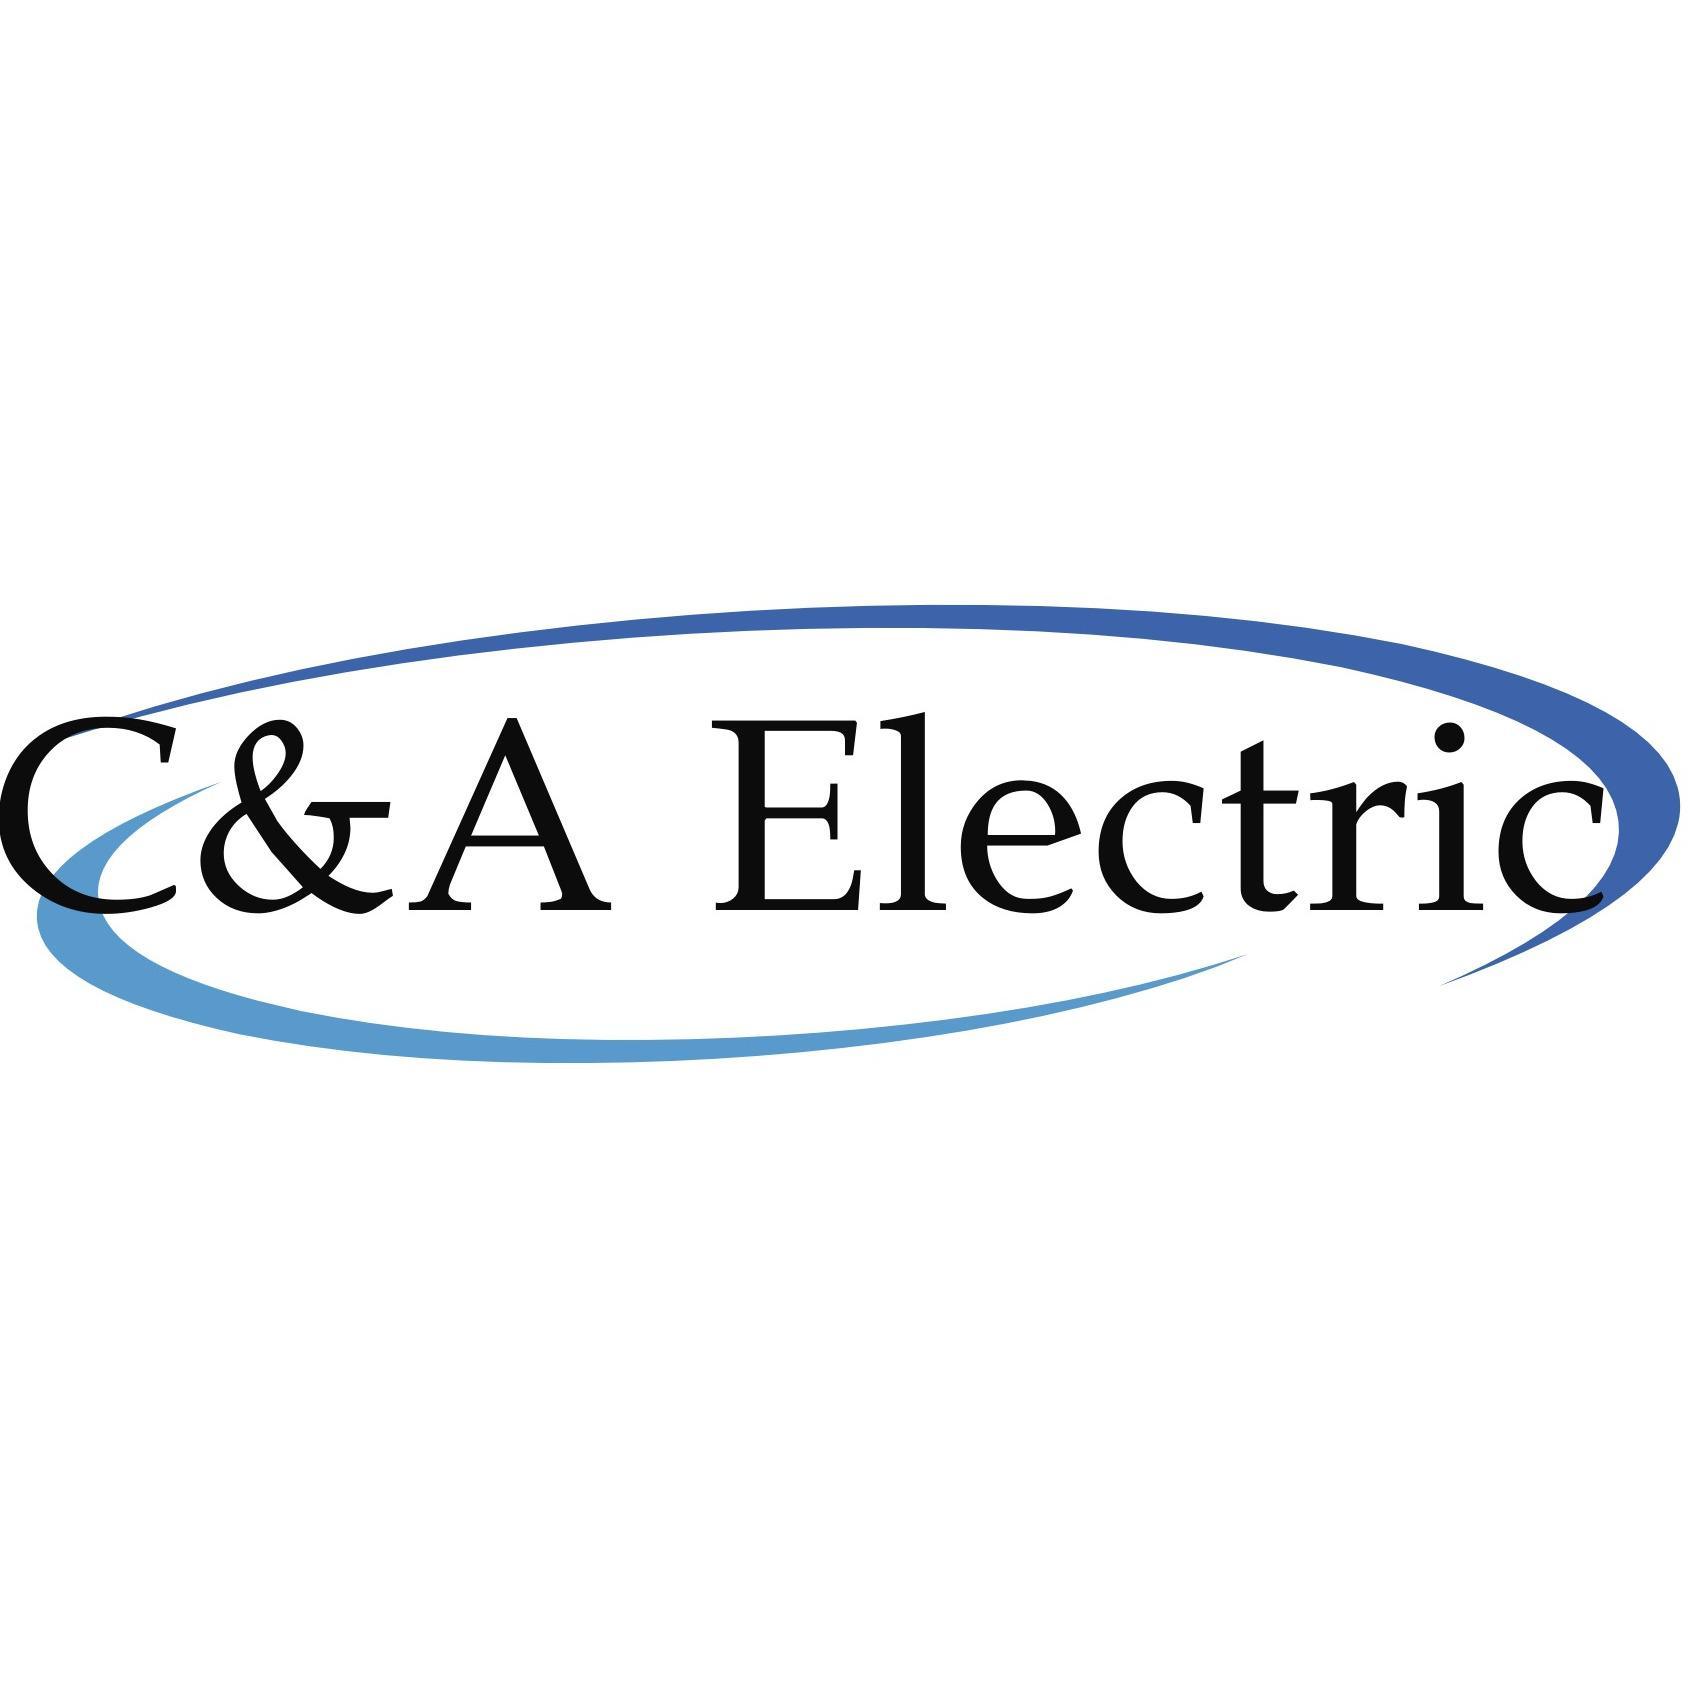 C & A Electric